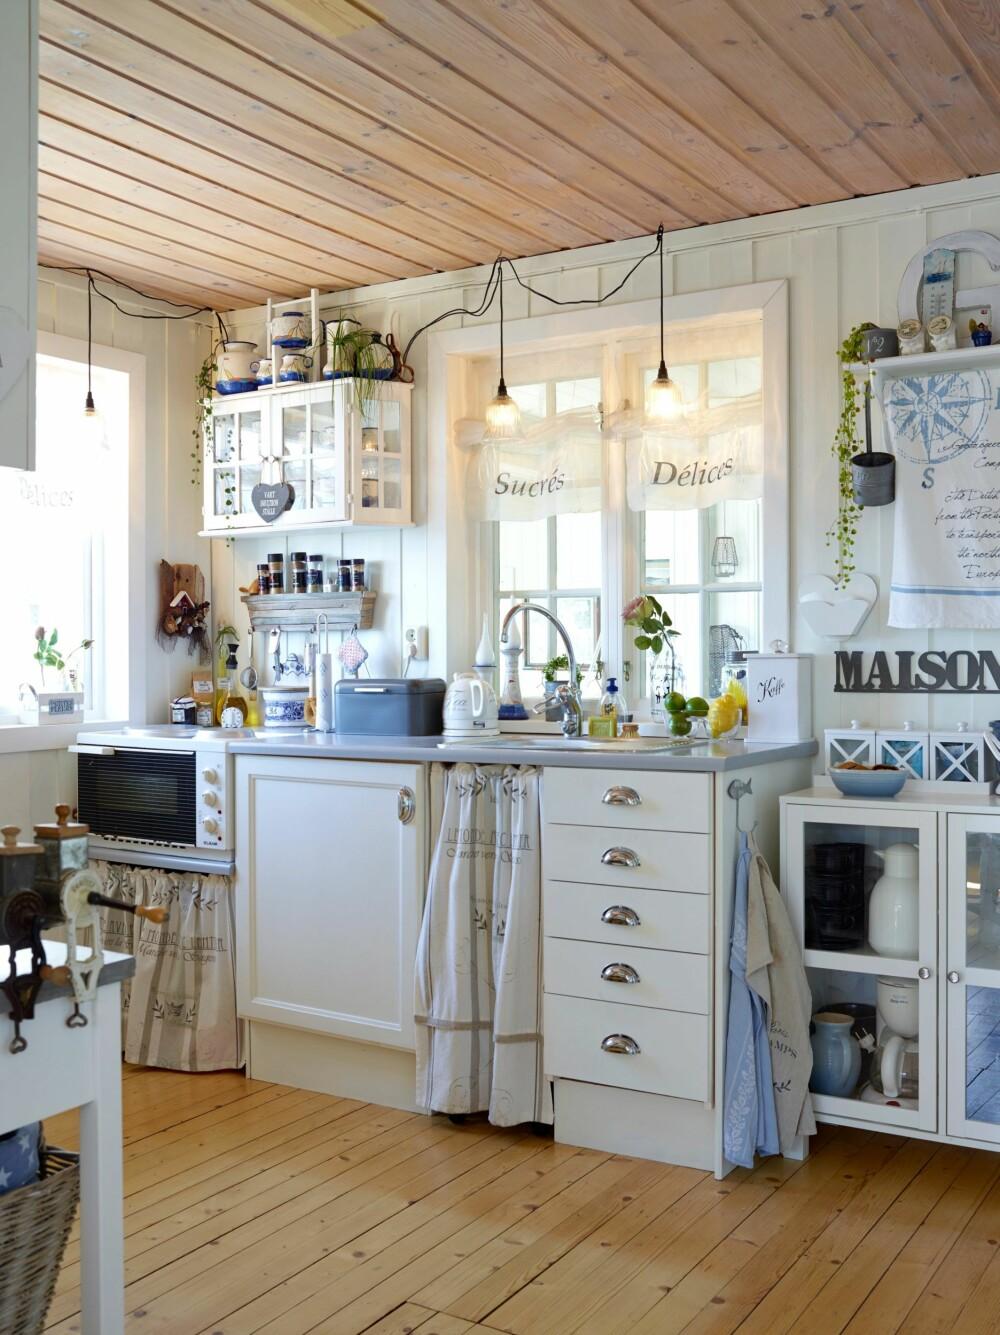 VINU MOT UTESTUEN: Kjøkkenet står på akkurat samme sted som tidlig på 50-tallet. Etter at dagens eiere utvidet og bygget på hytta, går vinduet over oppvaskbenken ut til den innebygde utestuen, noe som er praktisk når de har middagsgjester og kan sende alt gjennom vinduet.